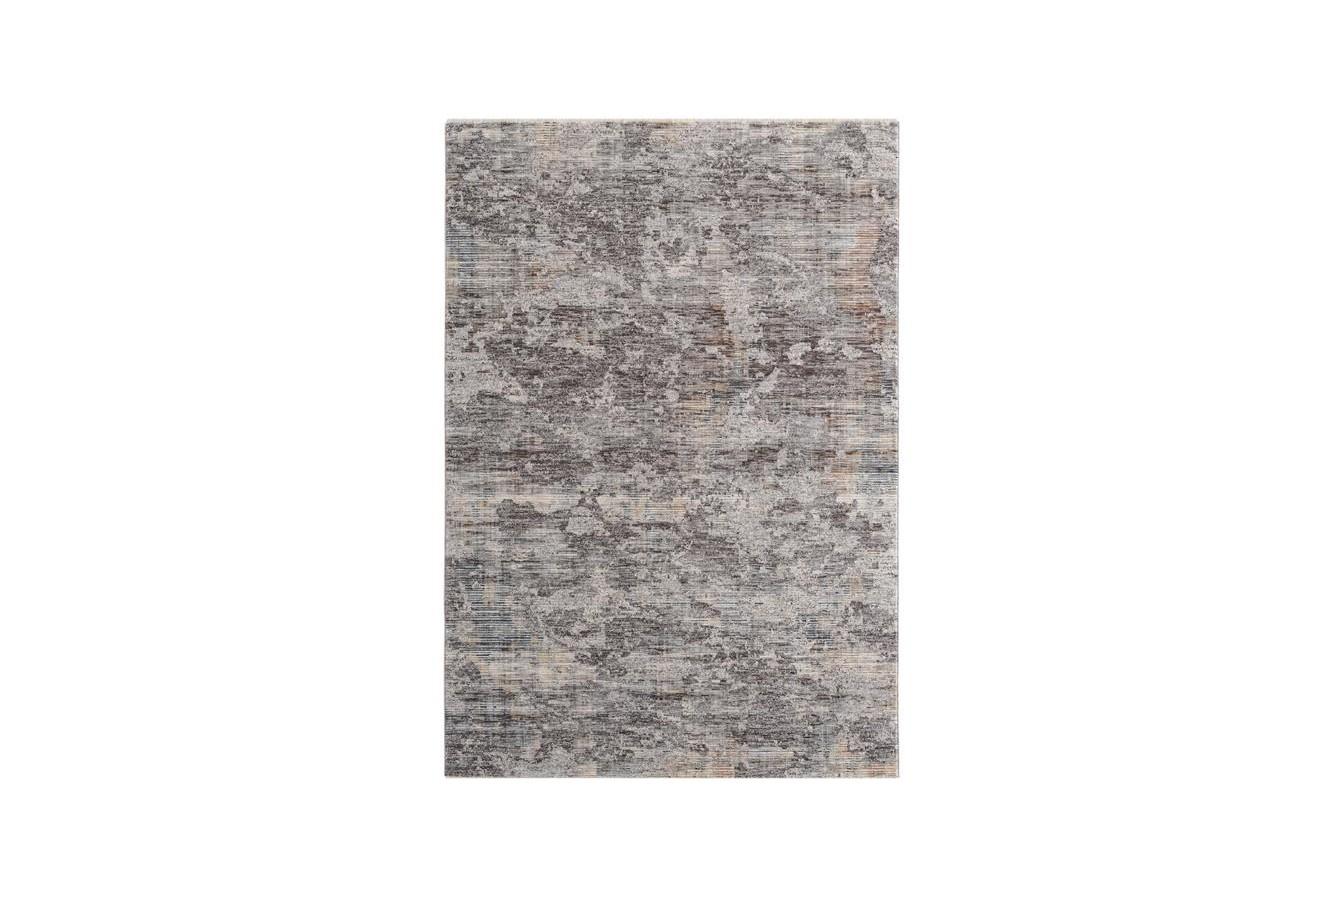 Dywan Issey 6942 Multi Beige/Multi Grey